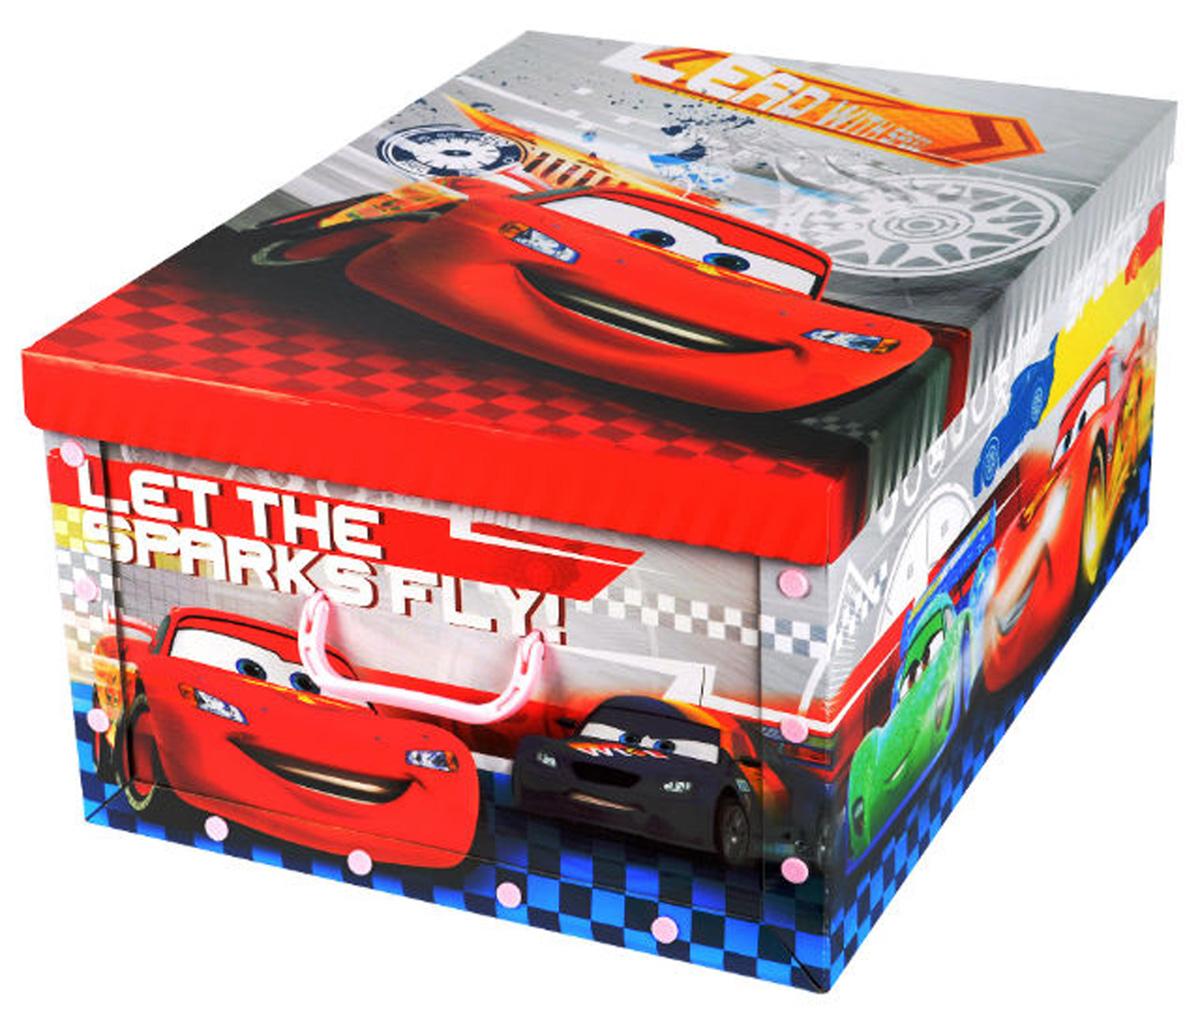 Коробка для хранения Disney Тачки, 40 х 50 х 25 см64843Коробка для хранения Disney Тачки, выполненная из высококачественного гофрированного картона, идеально подойдет для хранения игрушек, одежды, книг, канцелярских принадлежностей и других мелких предметов. Изделие легко собирается и не занимает много места. Коробка декорирована изображением героя мультфильма Тачки и оснащена удобными ручками для транспортировки. Коробка Disney Тачки поможет хранить все в одном месте, а также защитить вещи от пыли, грязи и влаги. Размер коробки (в собранном виде): 40 х 50 х 25 см.